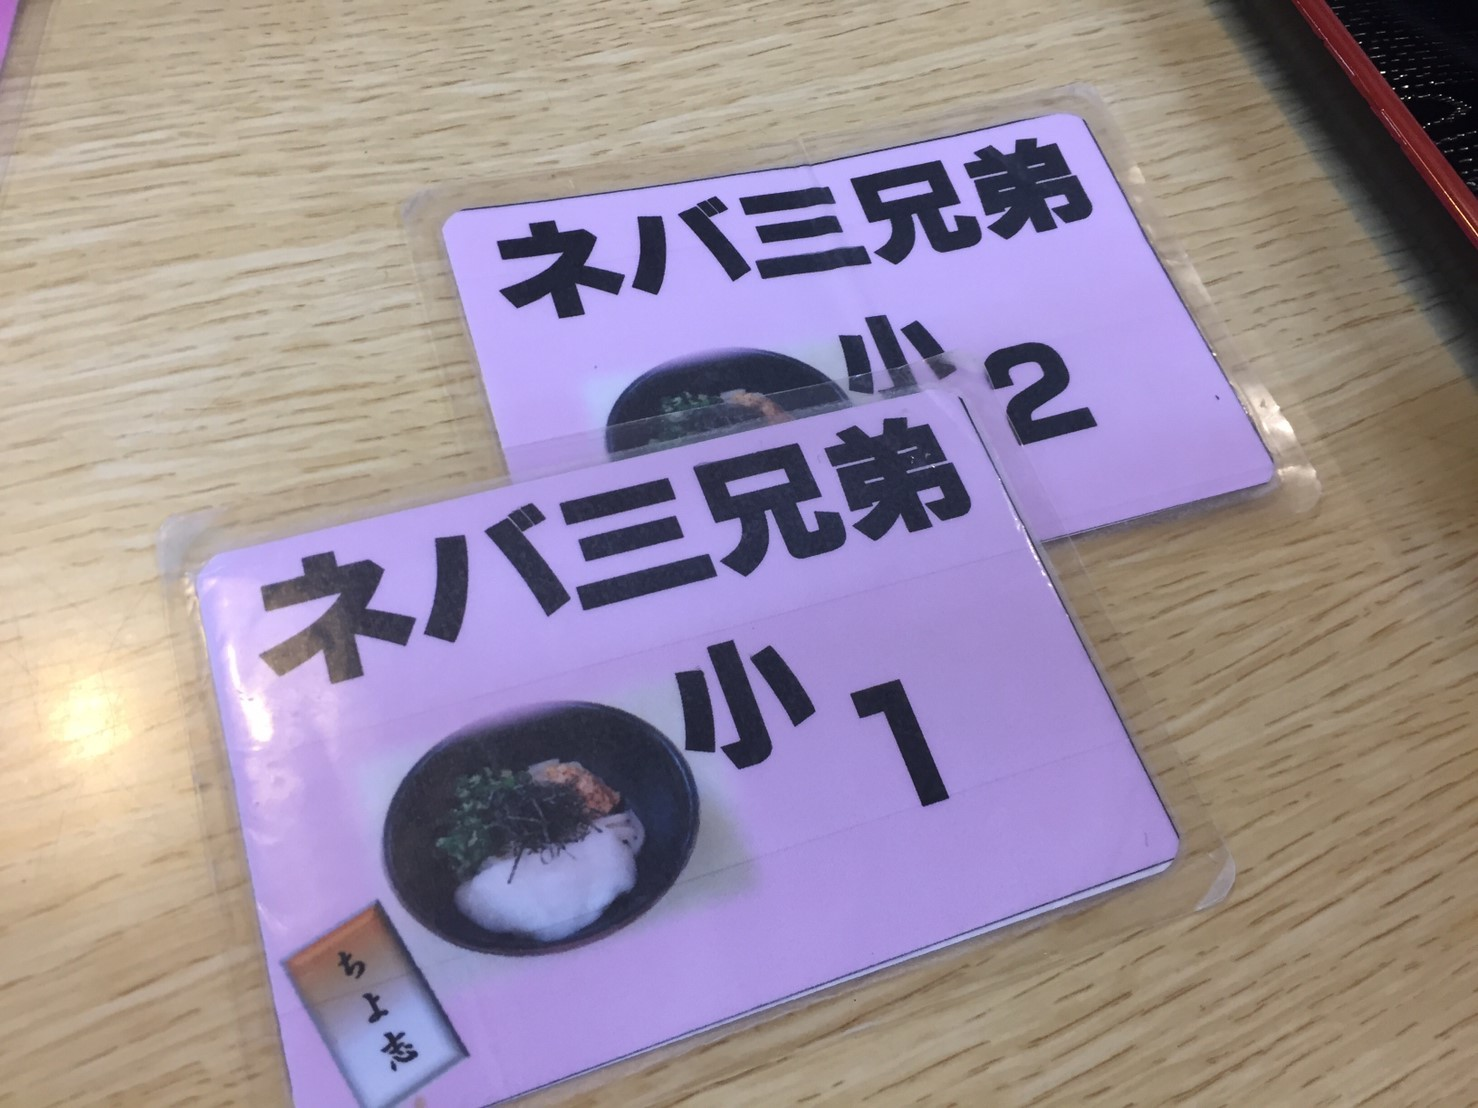 うどん ちよ志 賀露本店  ネバ三兄弟うどん_e0115904_20113691.jpg